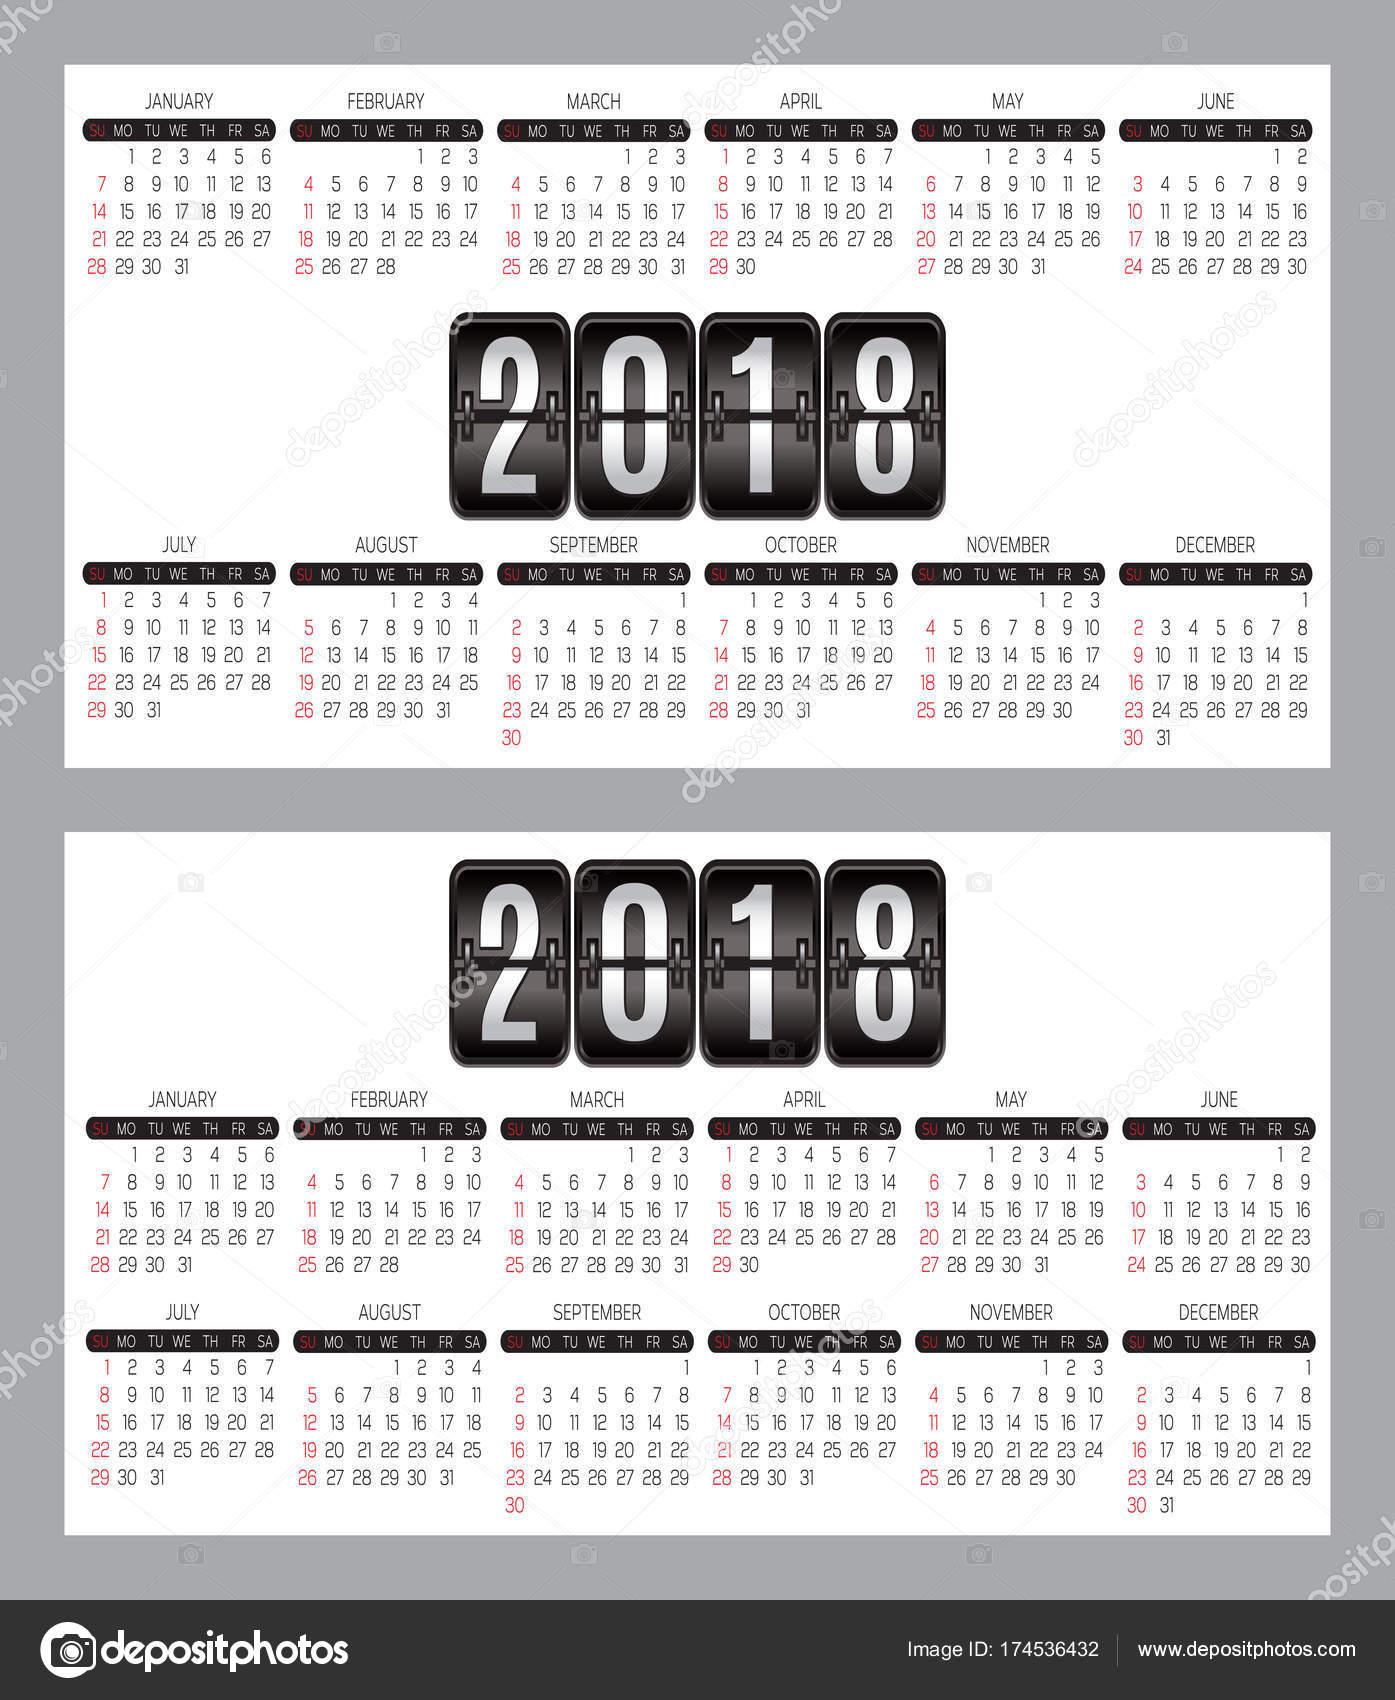 Jeu De Grille Calendrier Des Annees 2018 2019 Pour Cartes Visite Sur Fond Vectorielles Illustration Stock